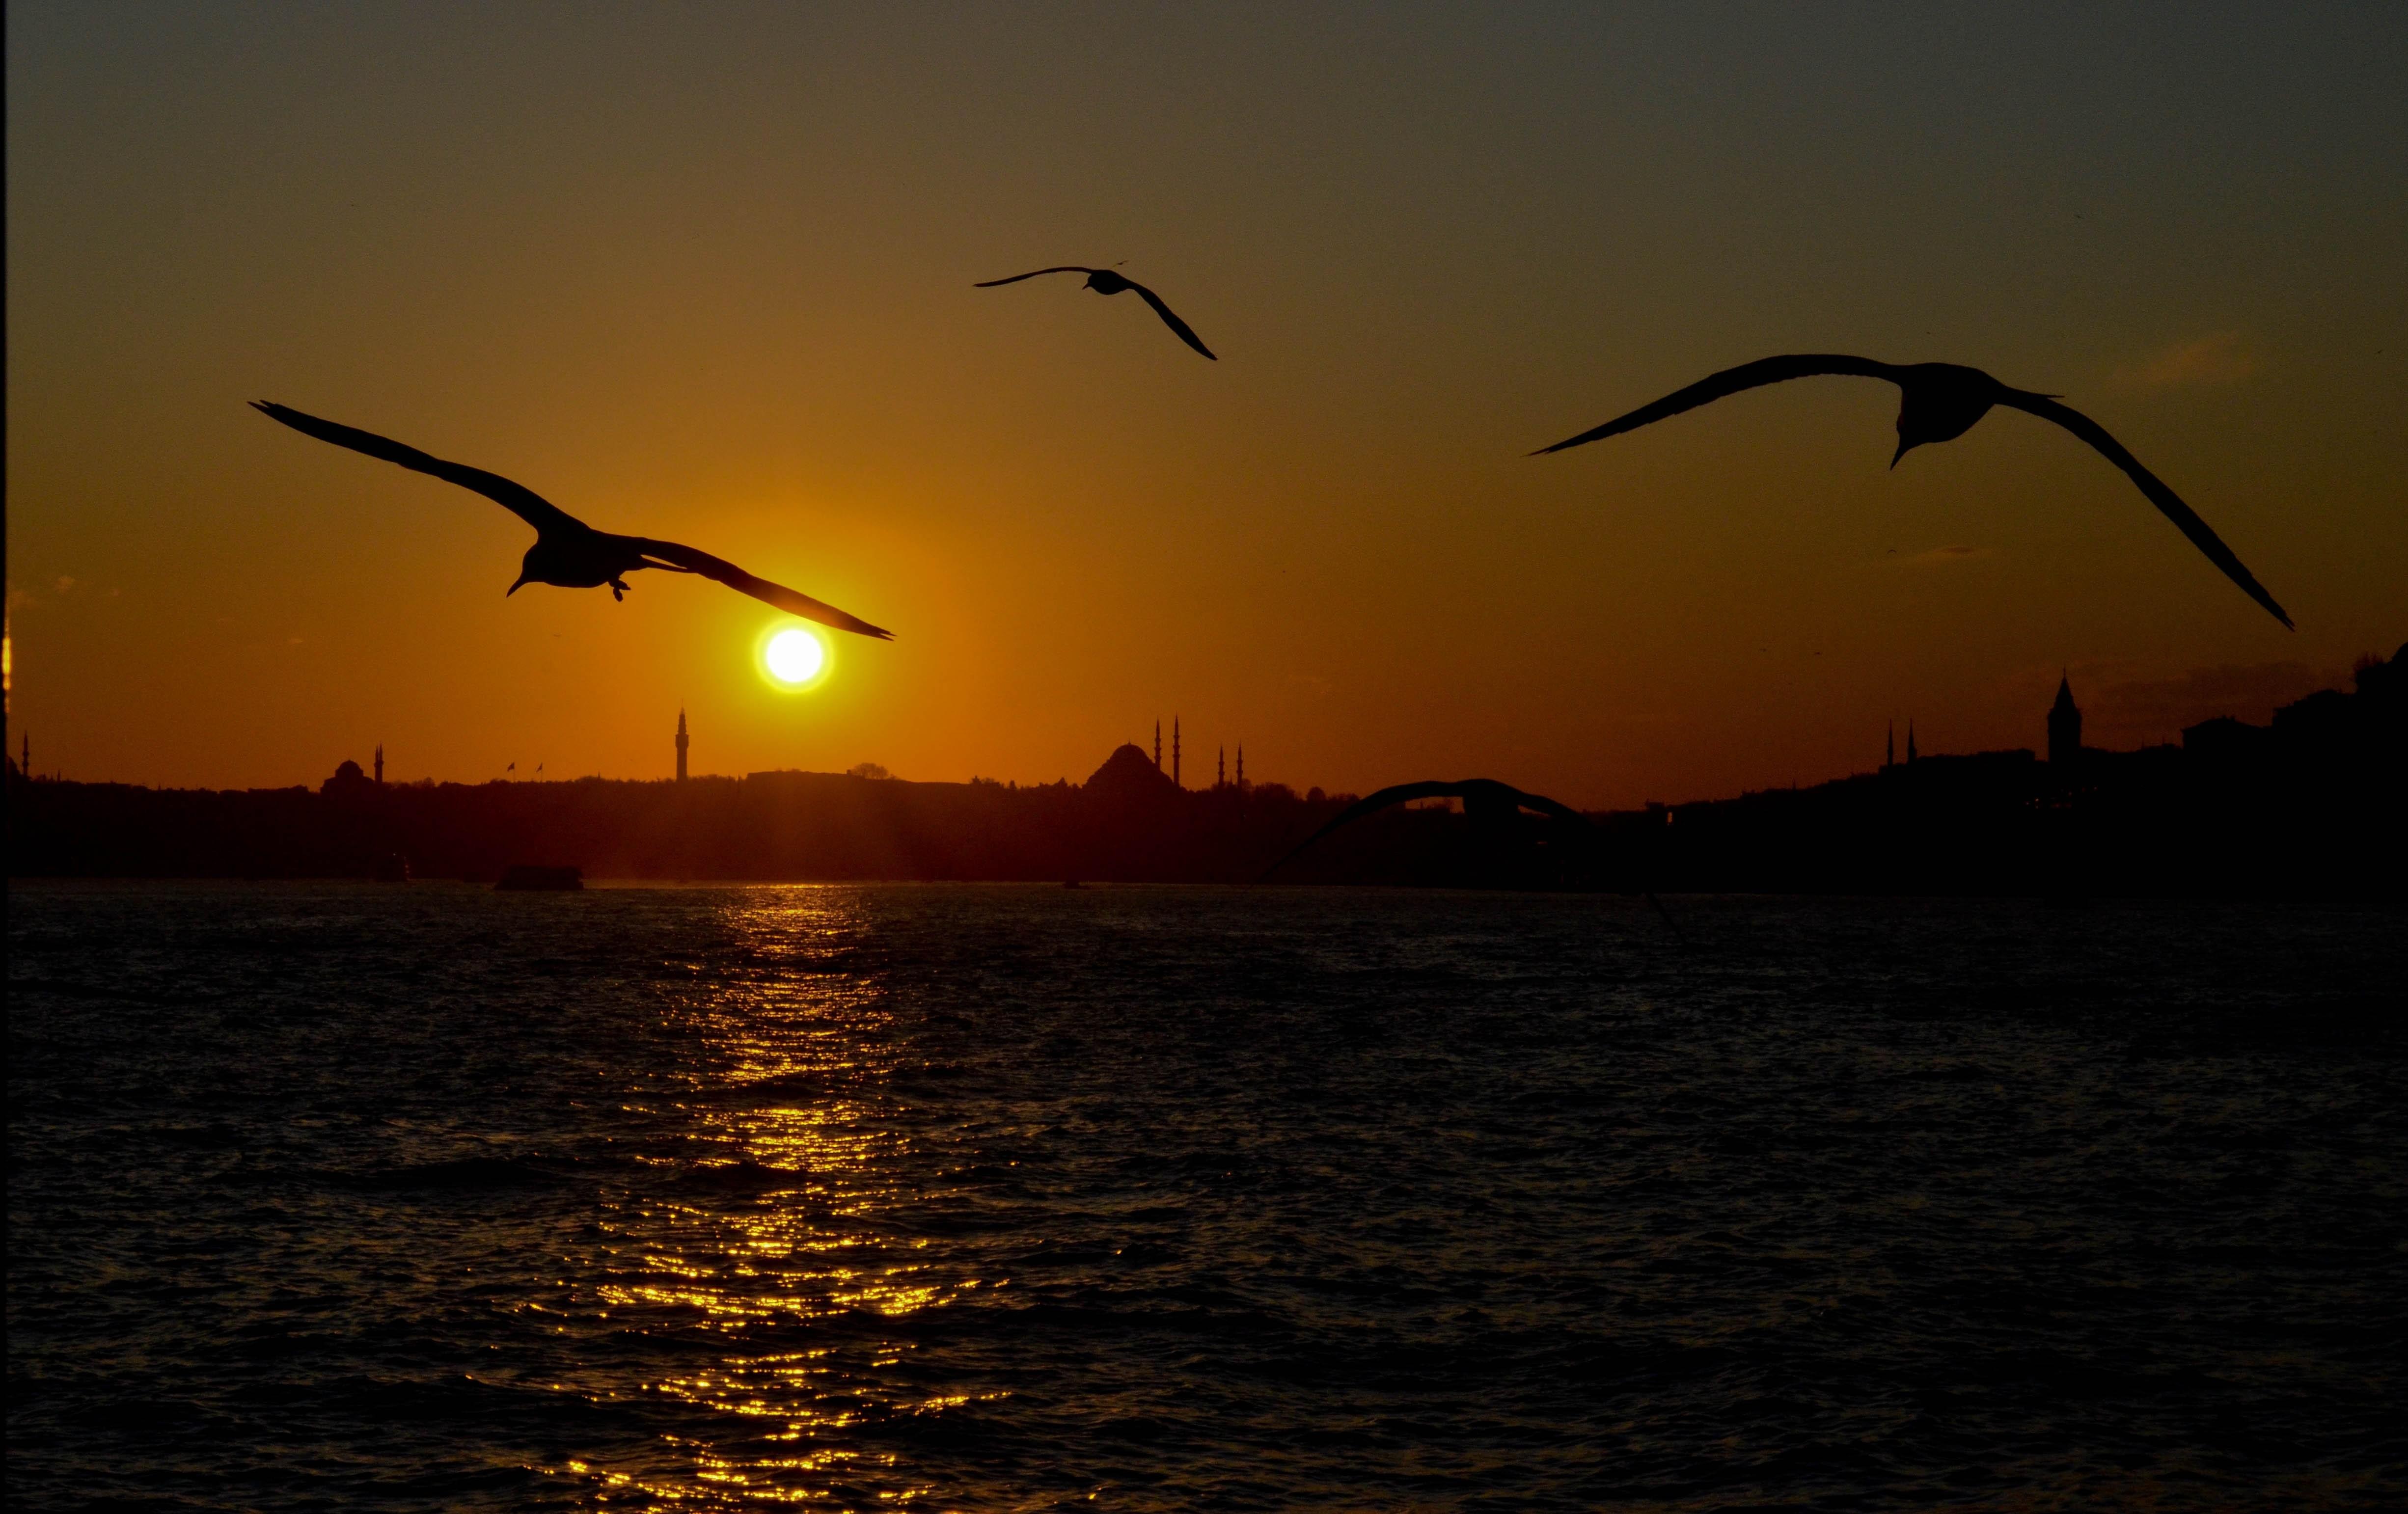 Турция Стамбул закат загрузить